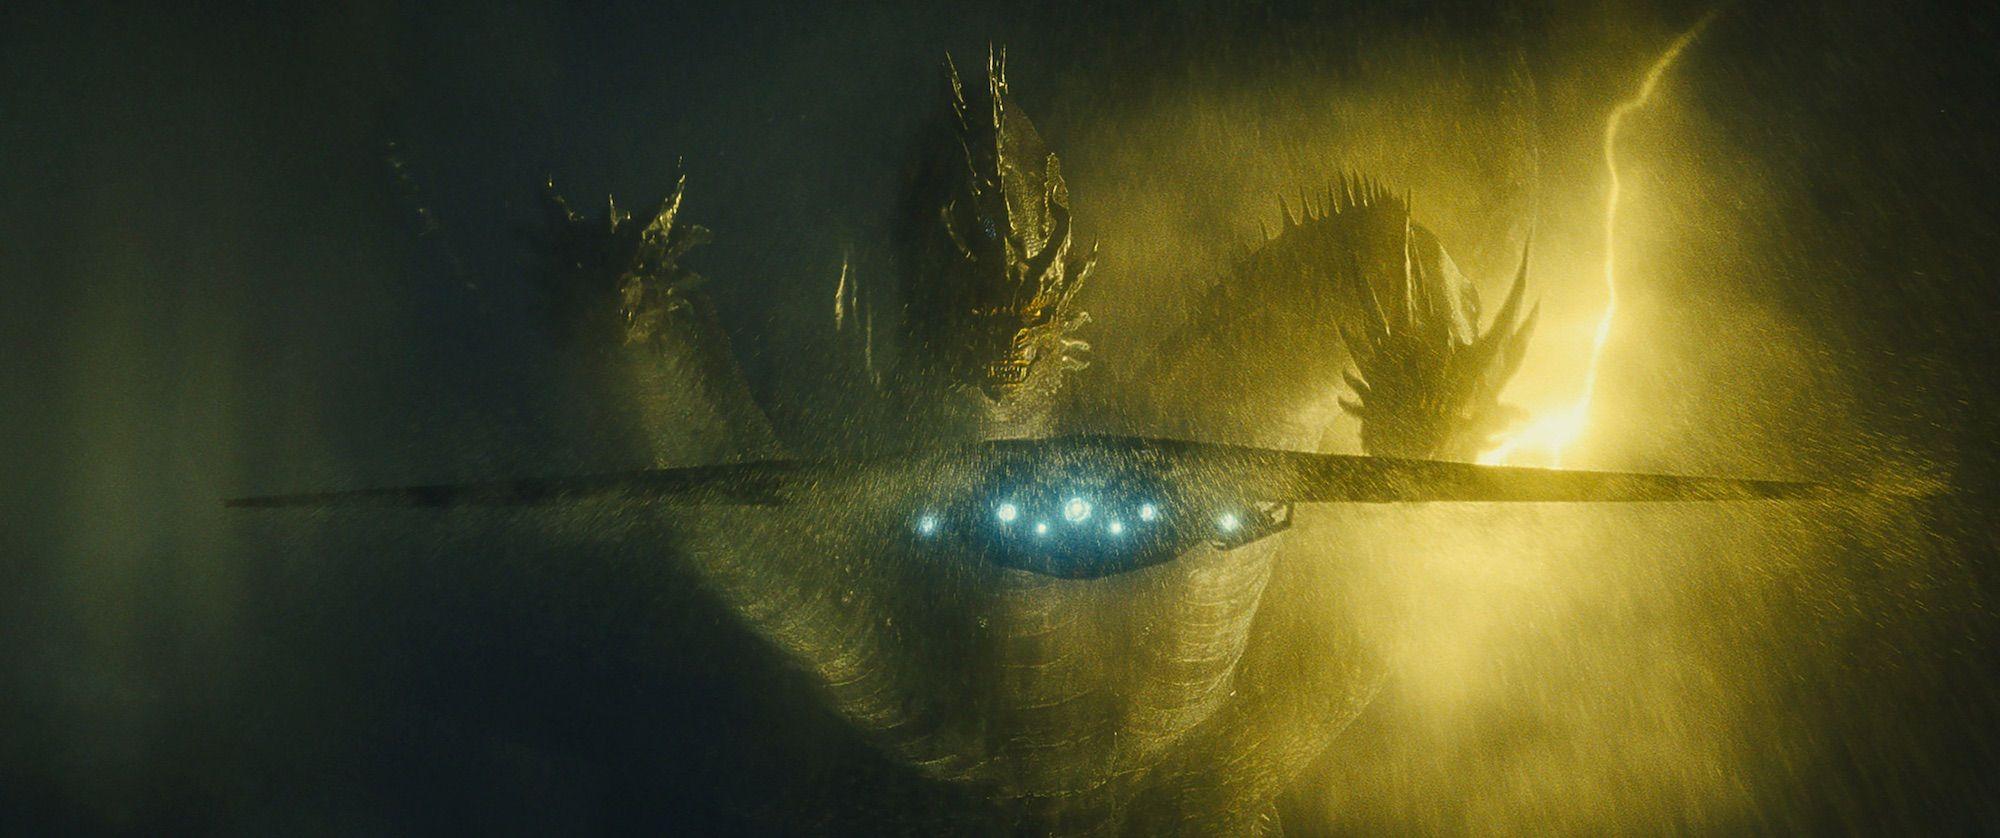 Król Ghidorah fikcyjny, gigantyczny potwór